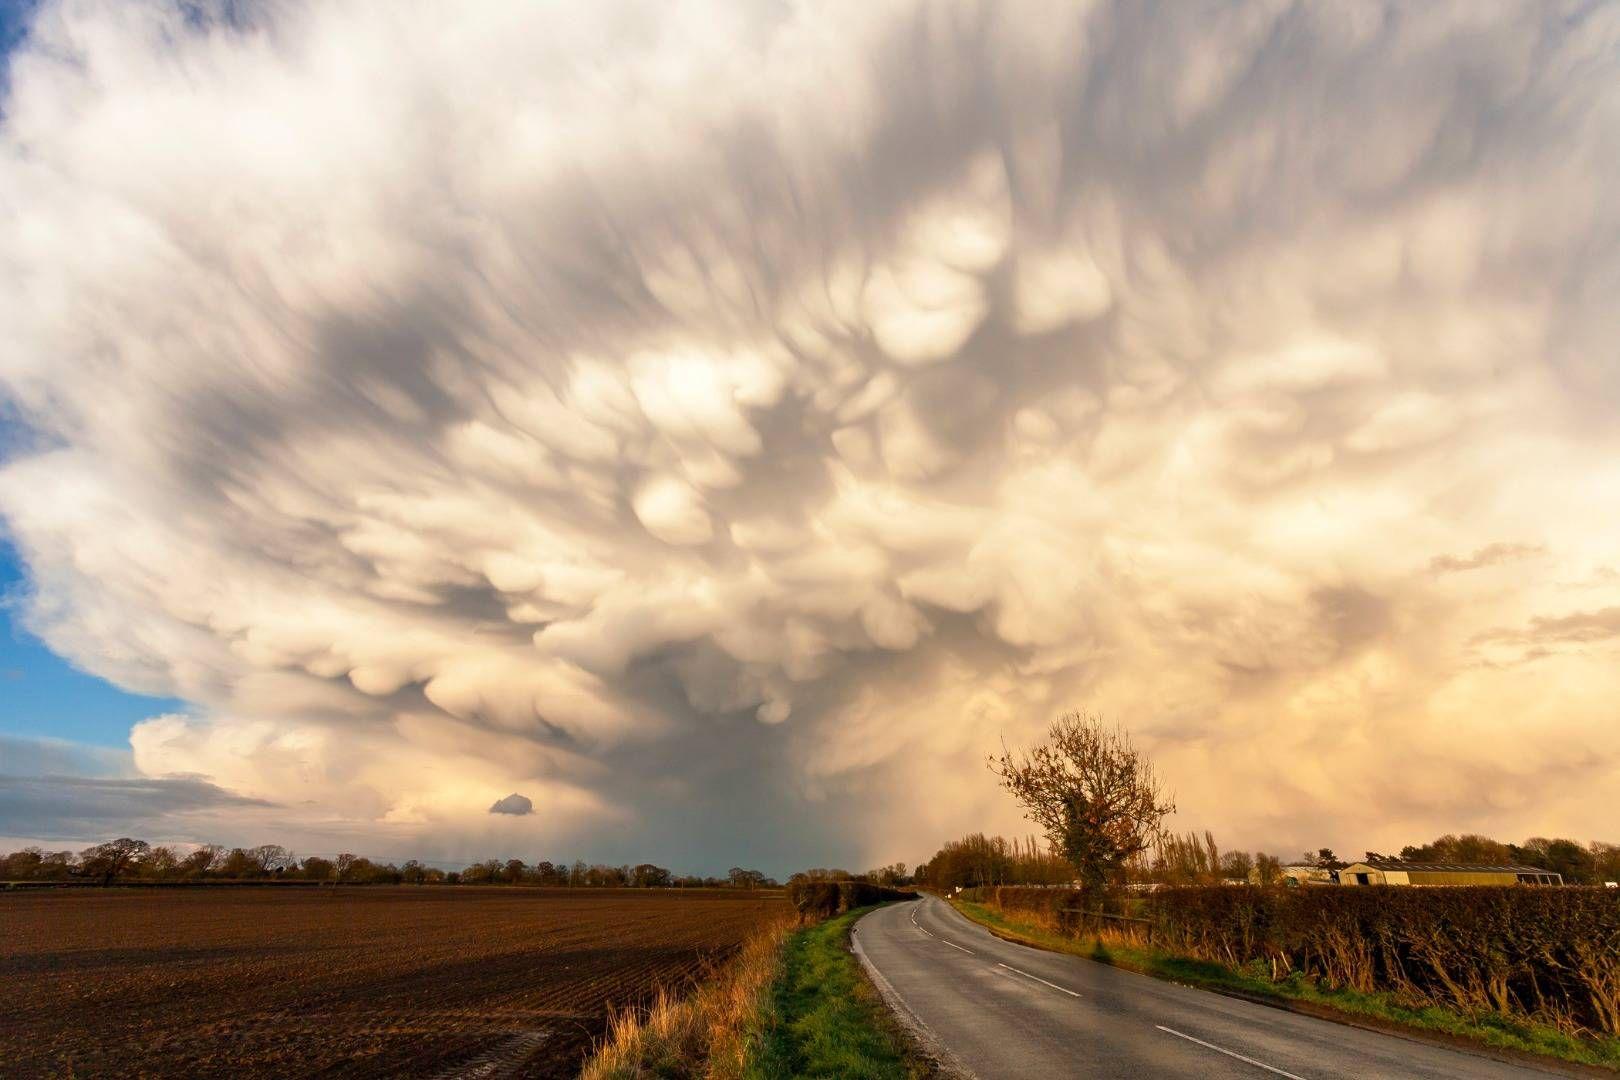 красивые картинки погодных явлений расположение, приятные цветовые